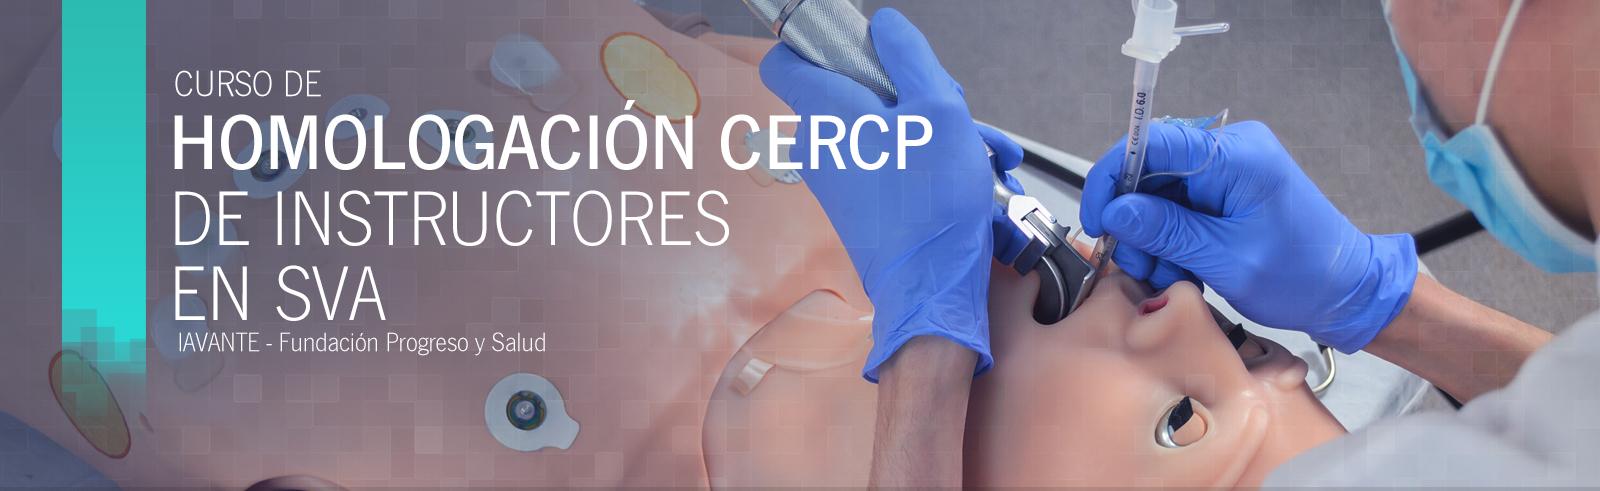 Homologación CERCP